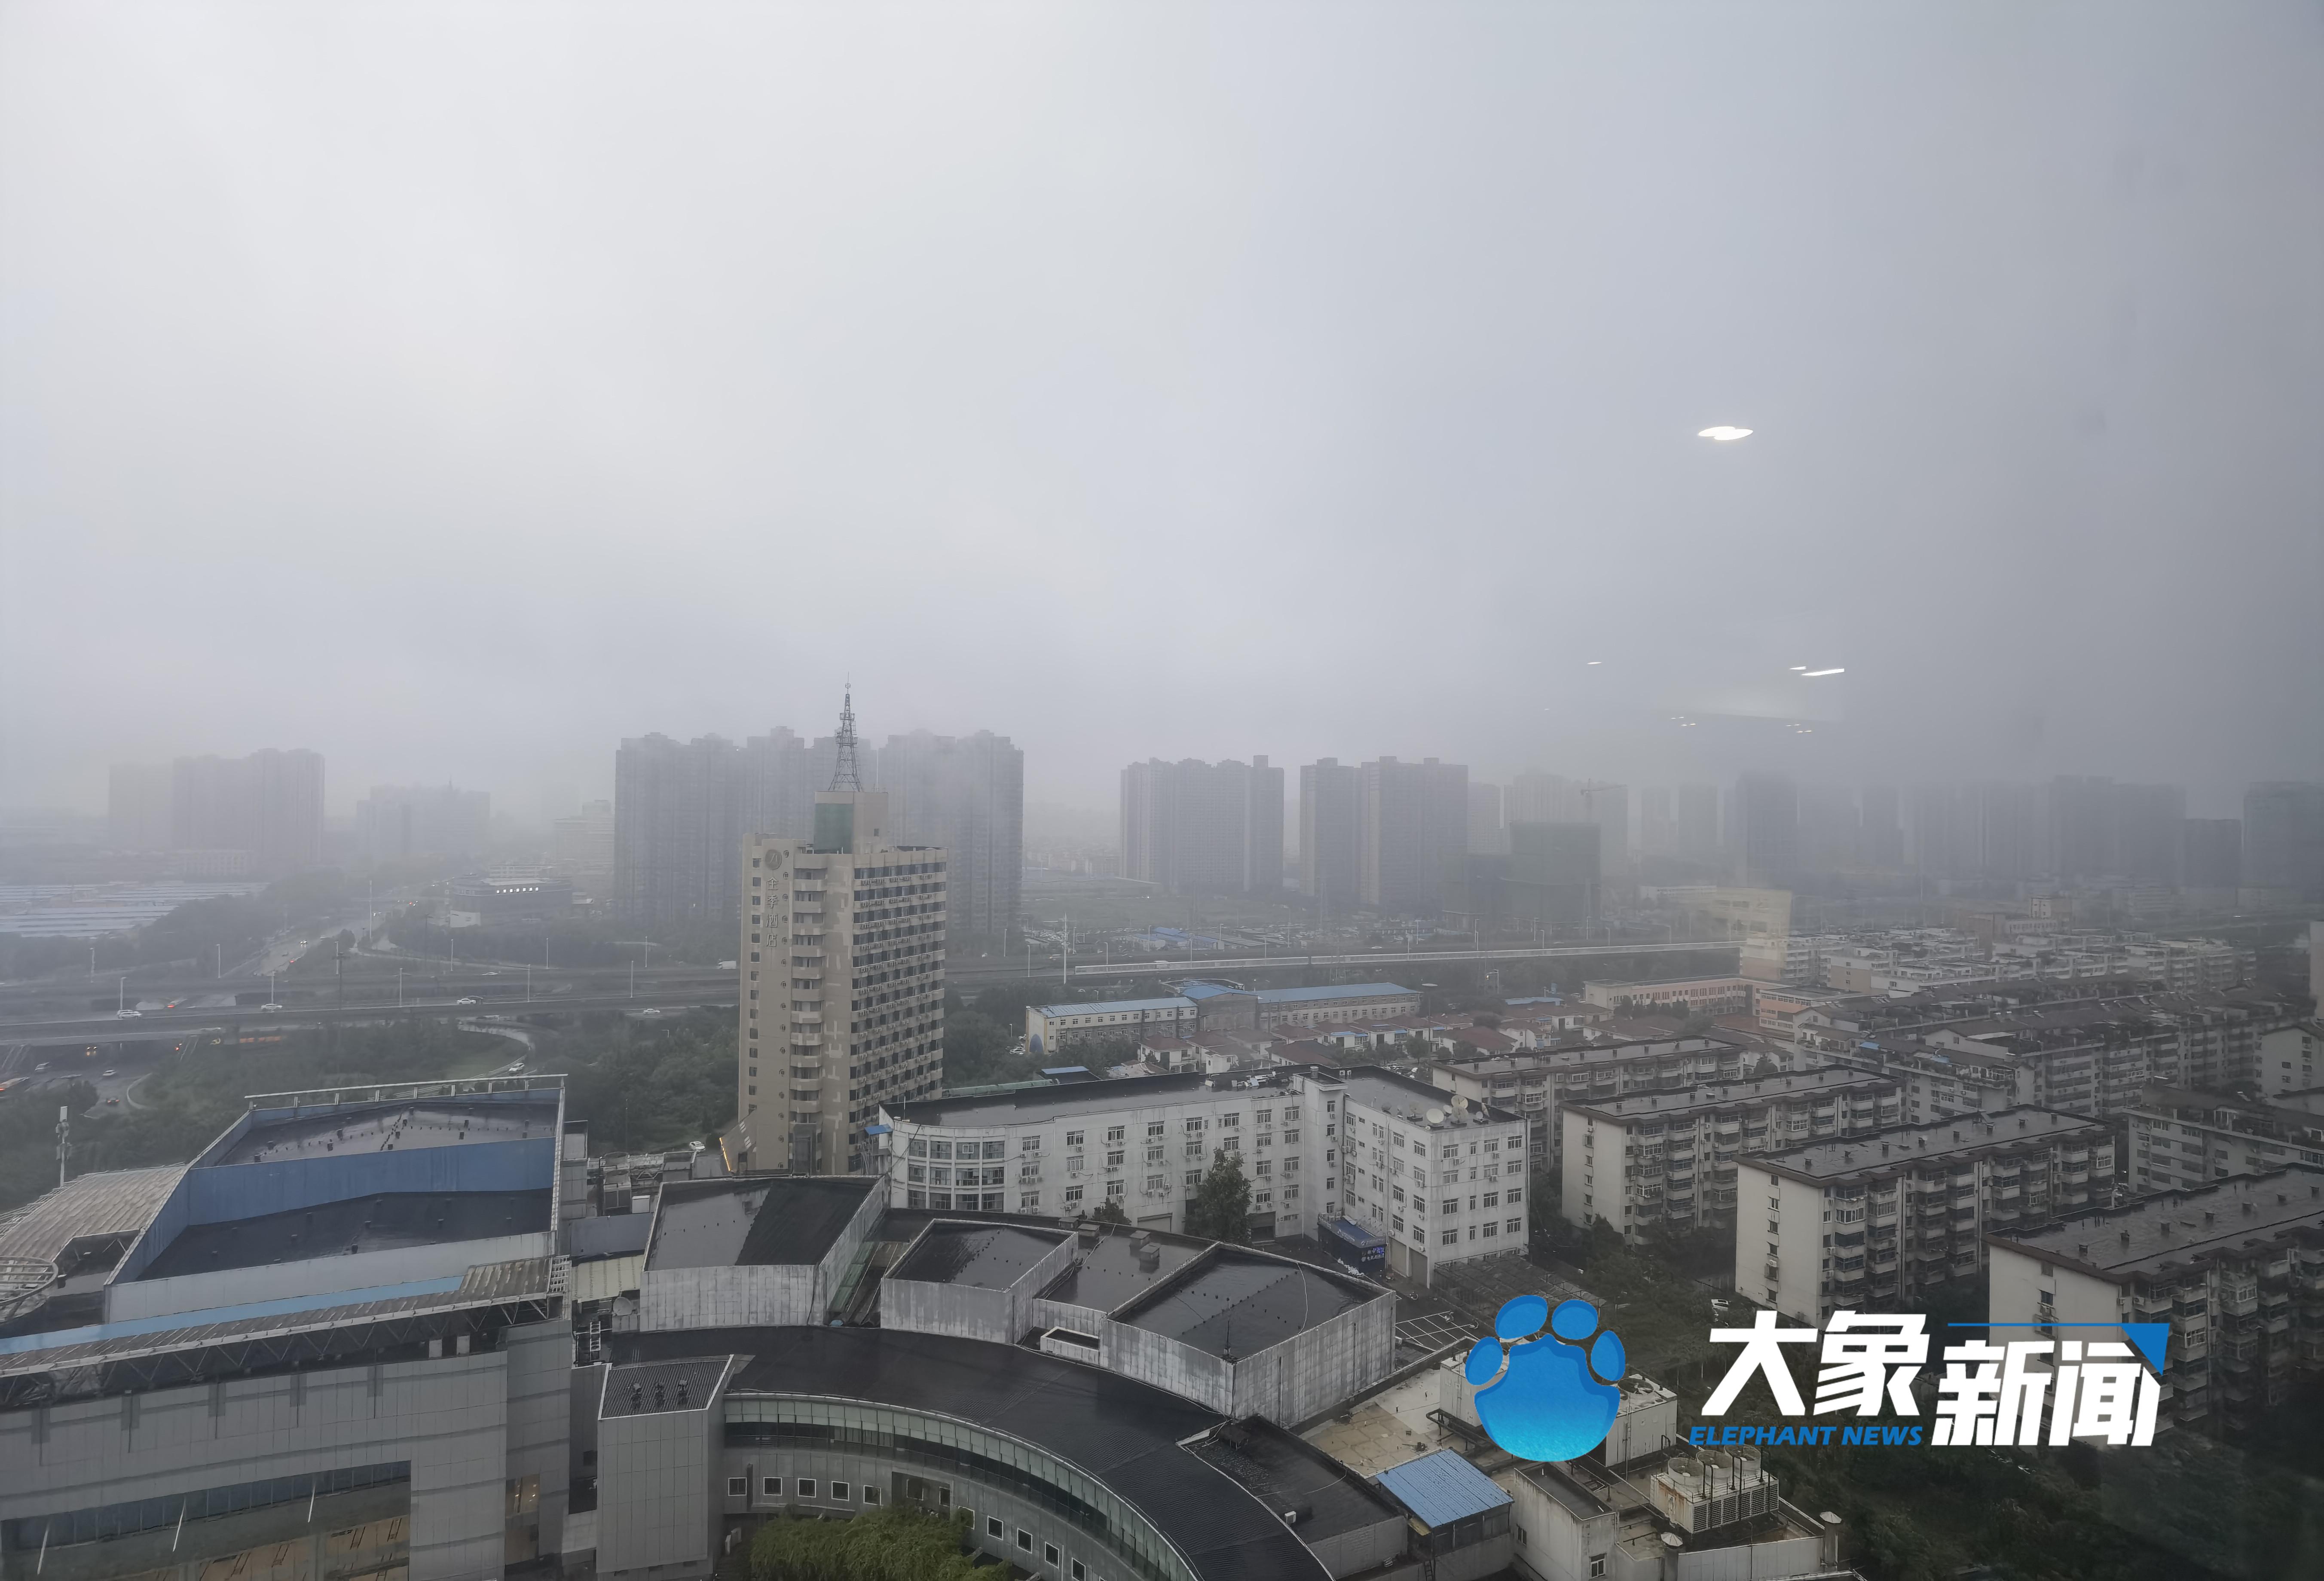 目前省内多条高速禁止上站,河南本轮降雨持续到9月初!